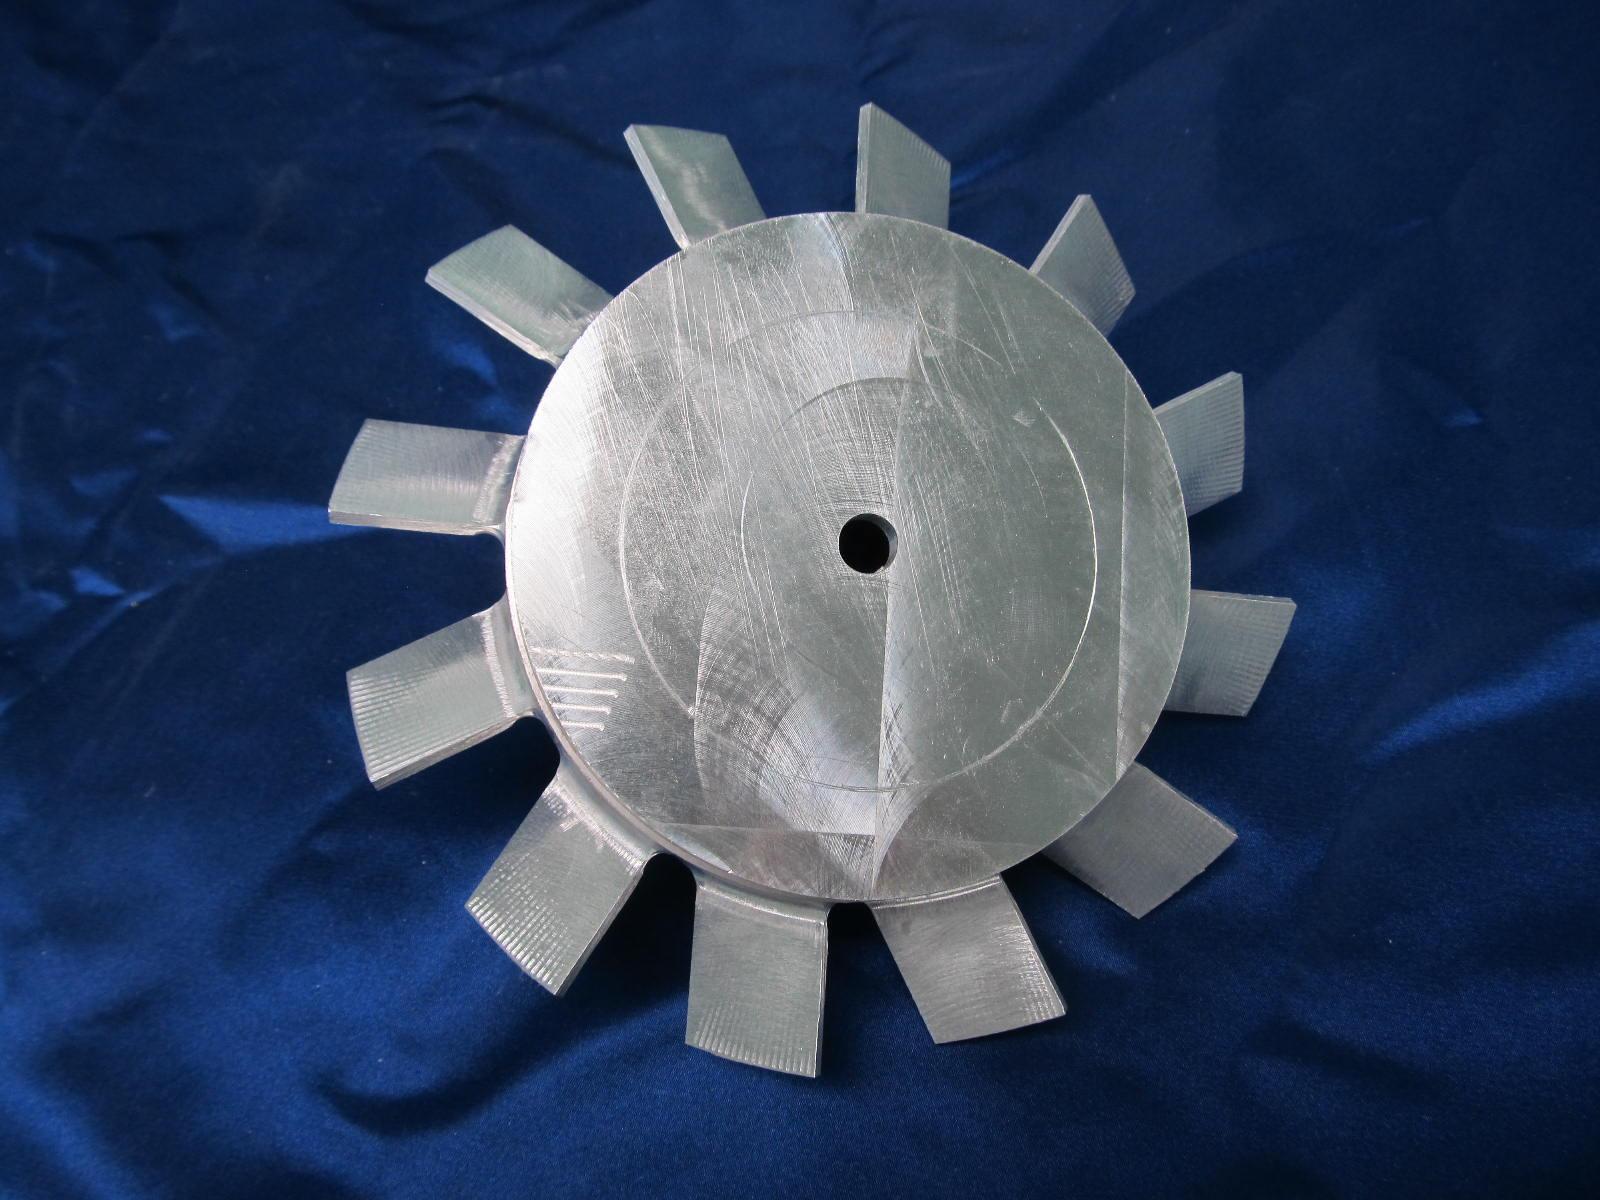 FW-190 Aluminum Spinner